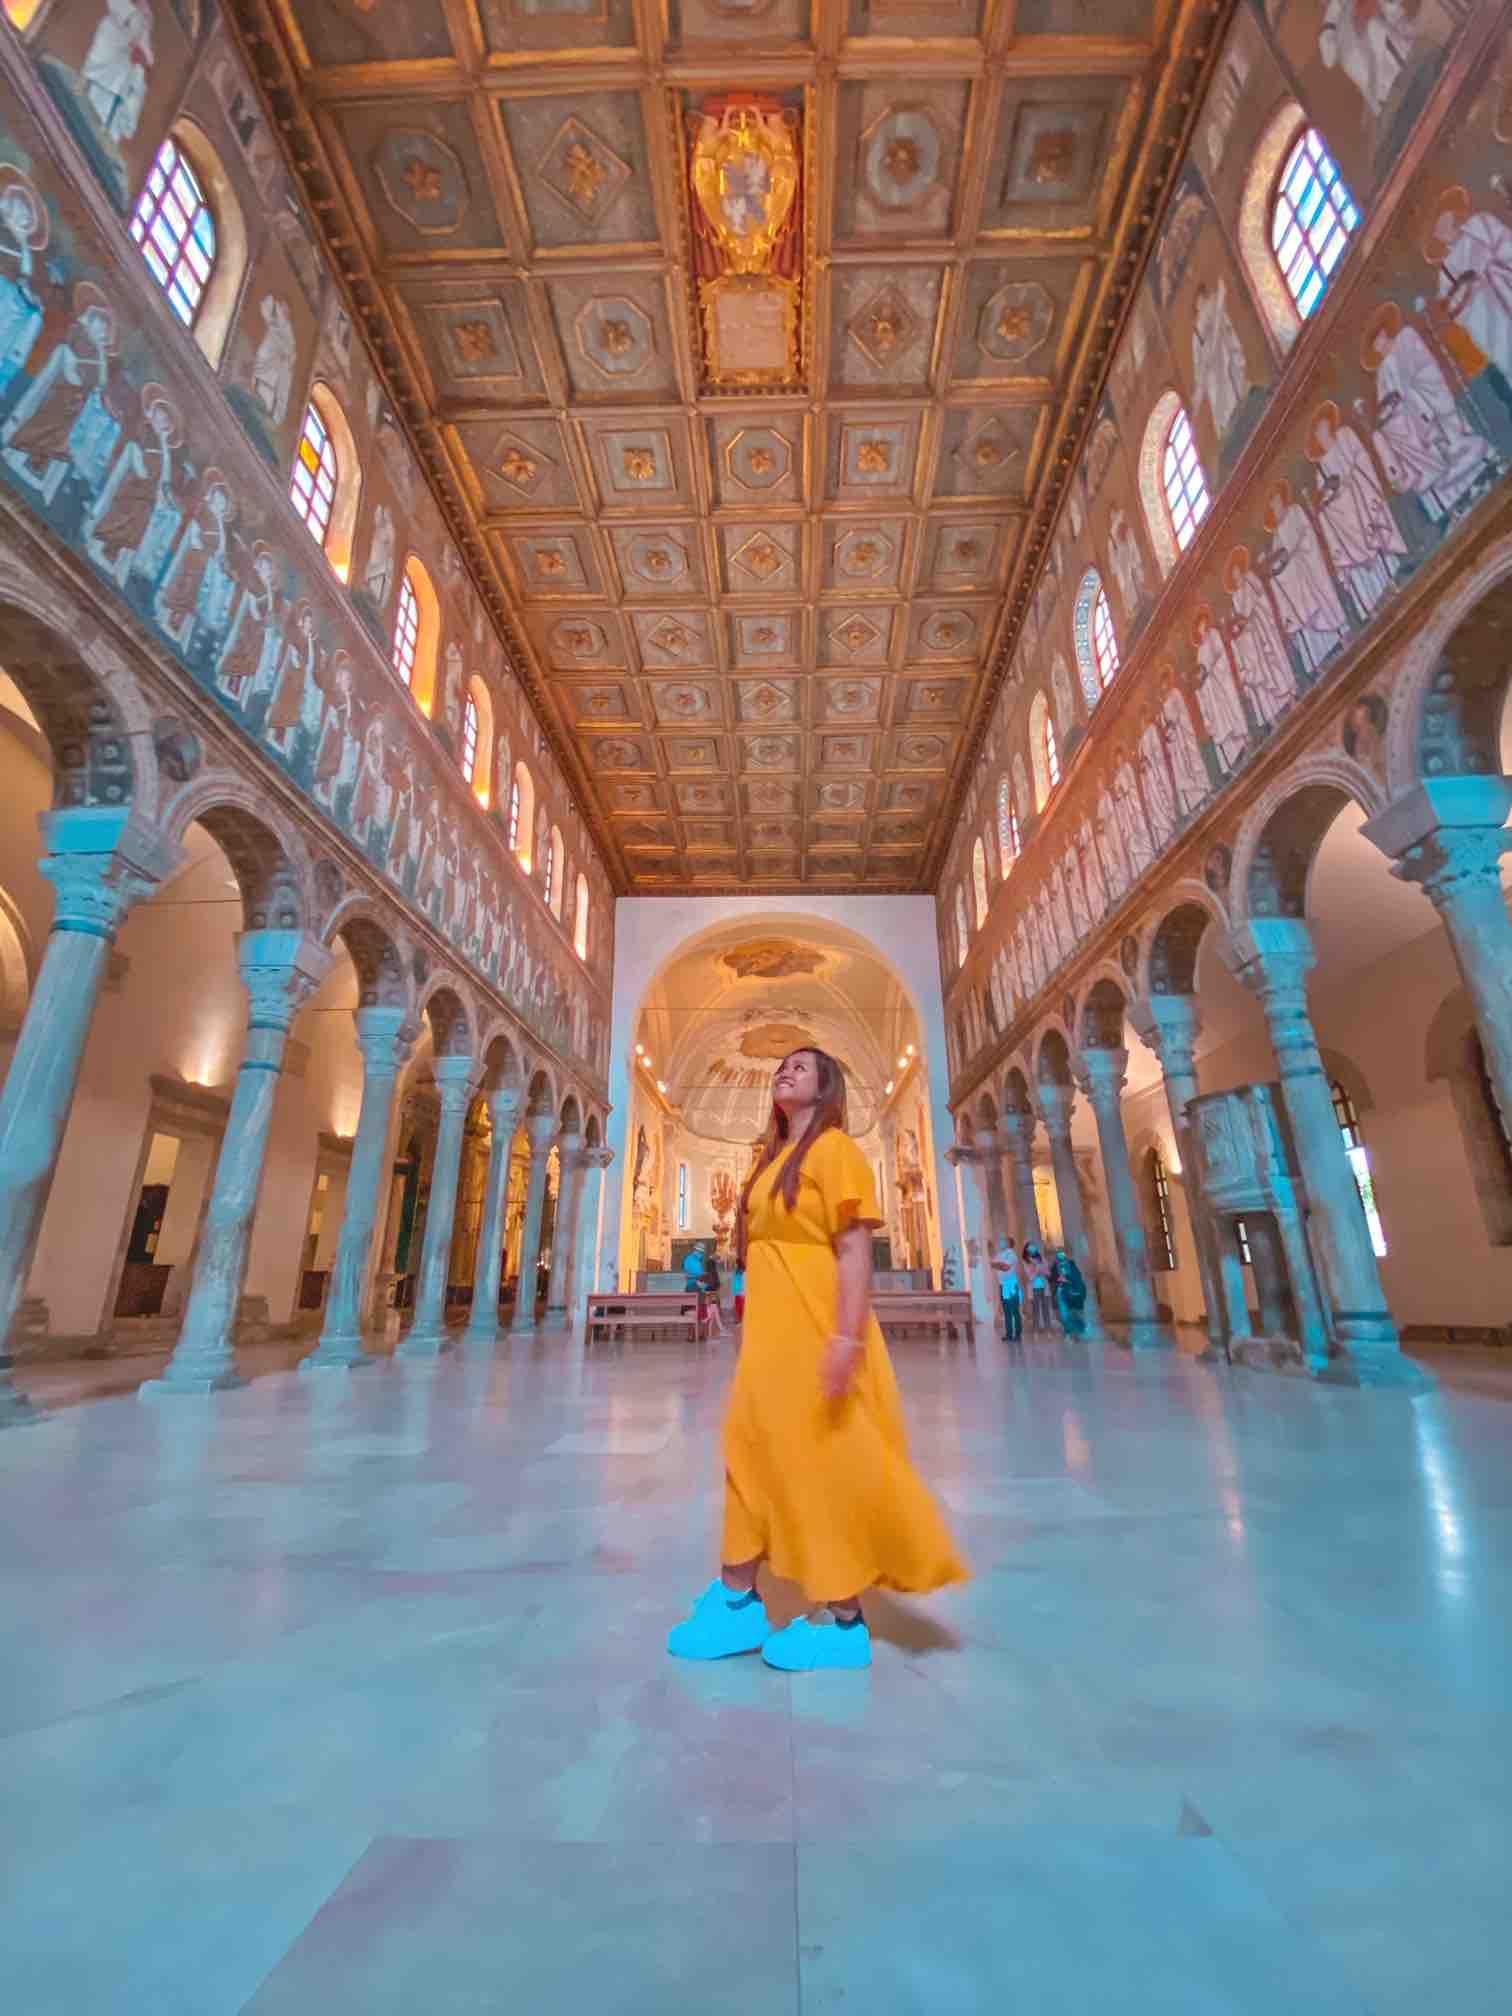 ragazza ammira la Basilica di Sant'Apollinare Nuovo, un'attrazione da vedere in due giorni a Ravenna